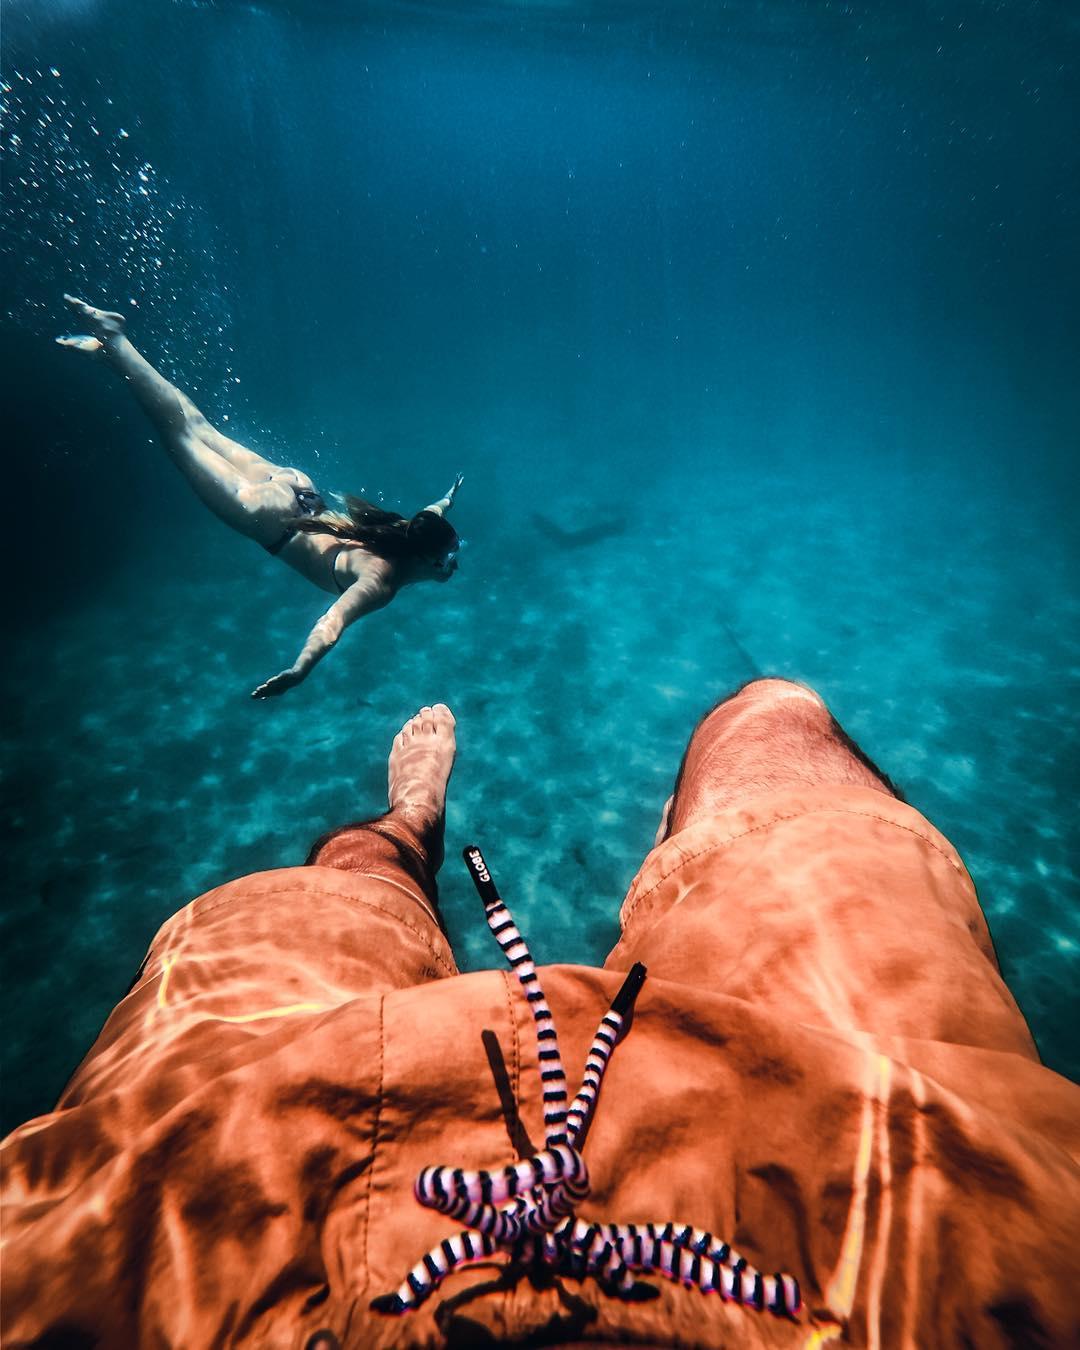 Приключенческие снимки на GoPro от Симоне Арманни